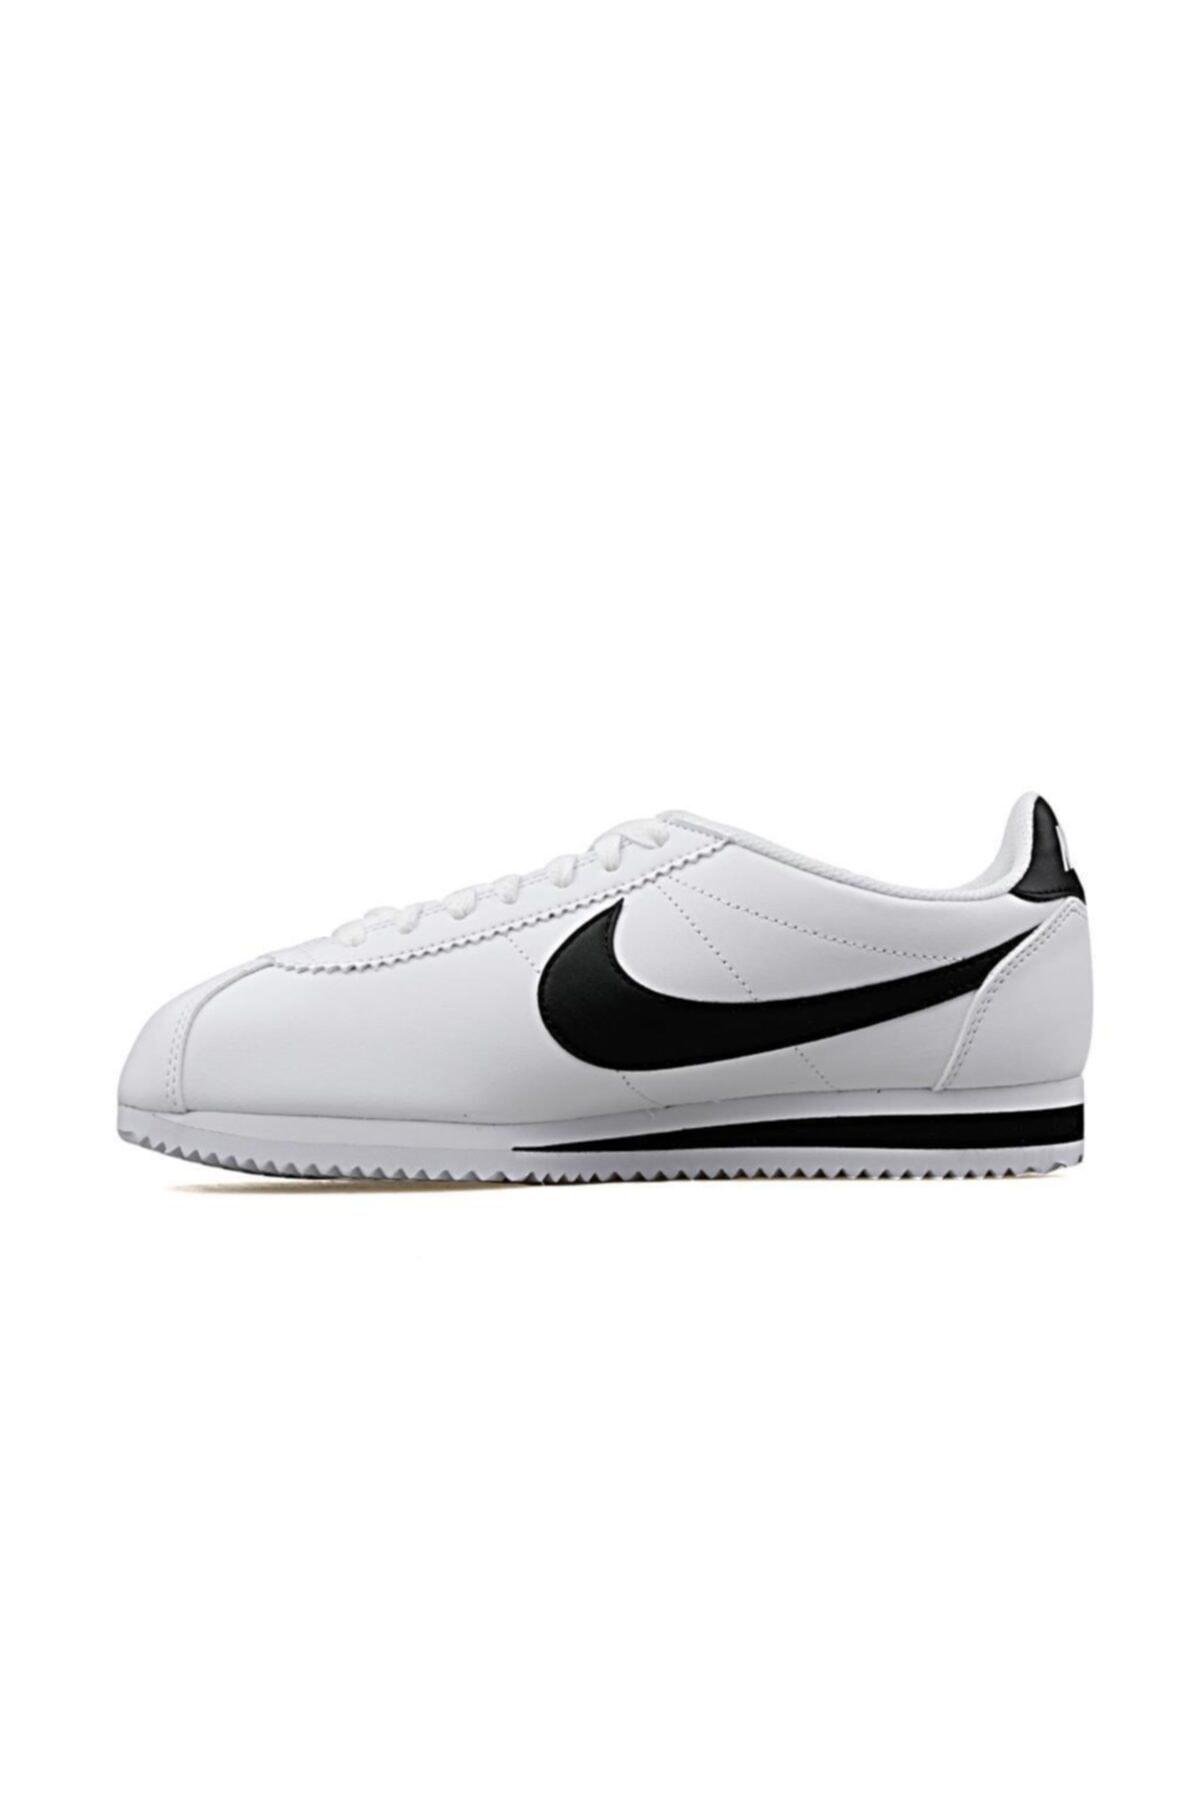 Nike Classic Cortez Leather Kadın Beyaz Spor Ayakkabı 807471-101 2